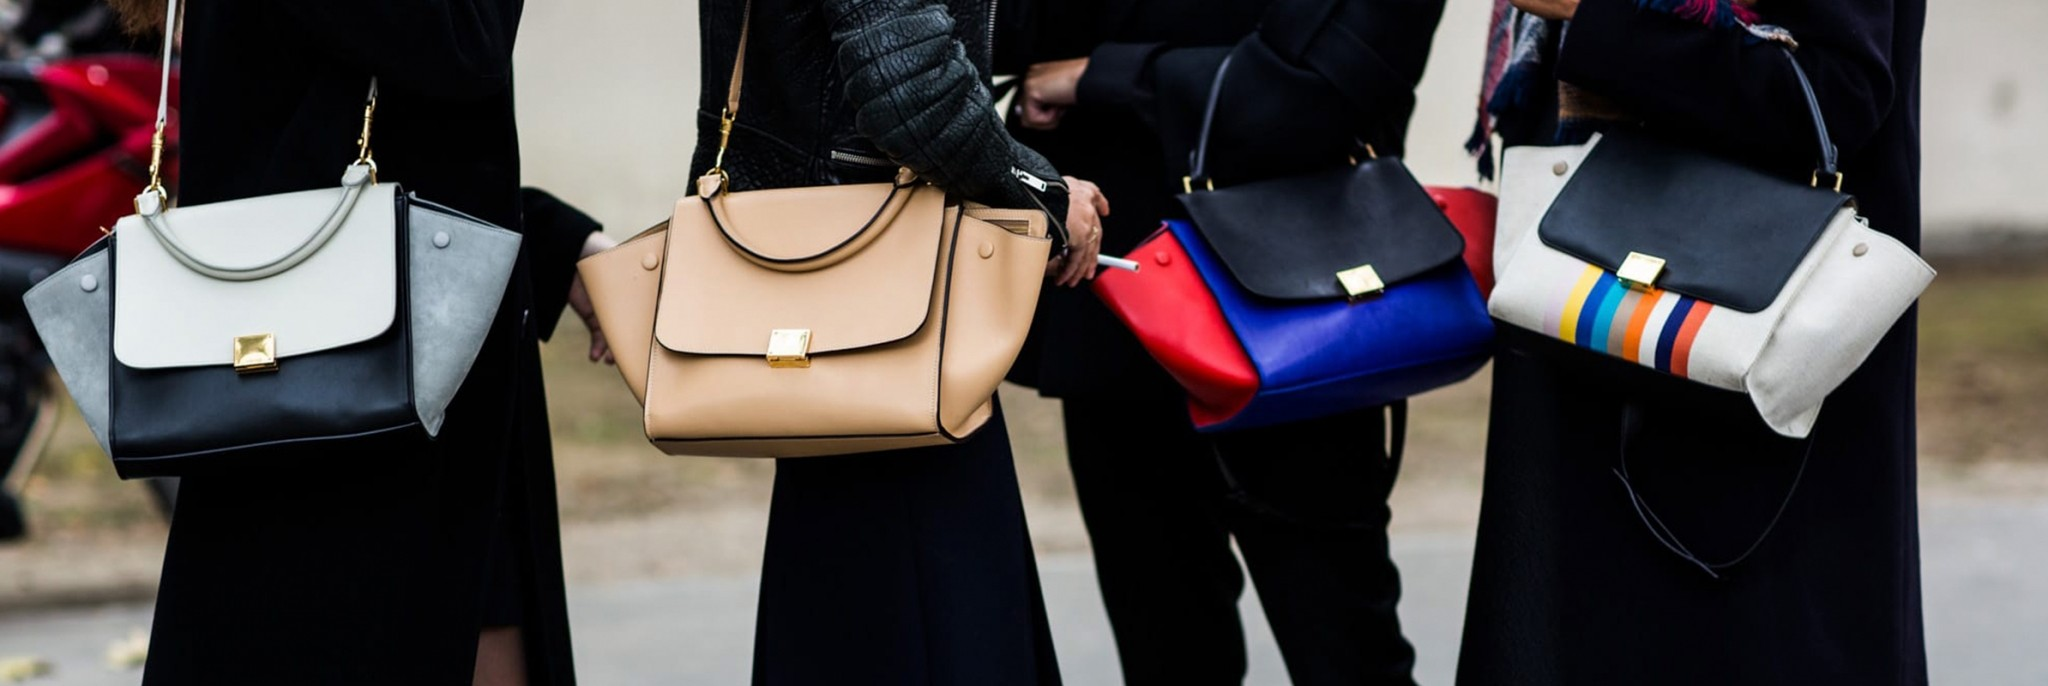 10 حقائب أساسية يجب أن تحتويها خزانتك